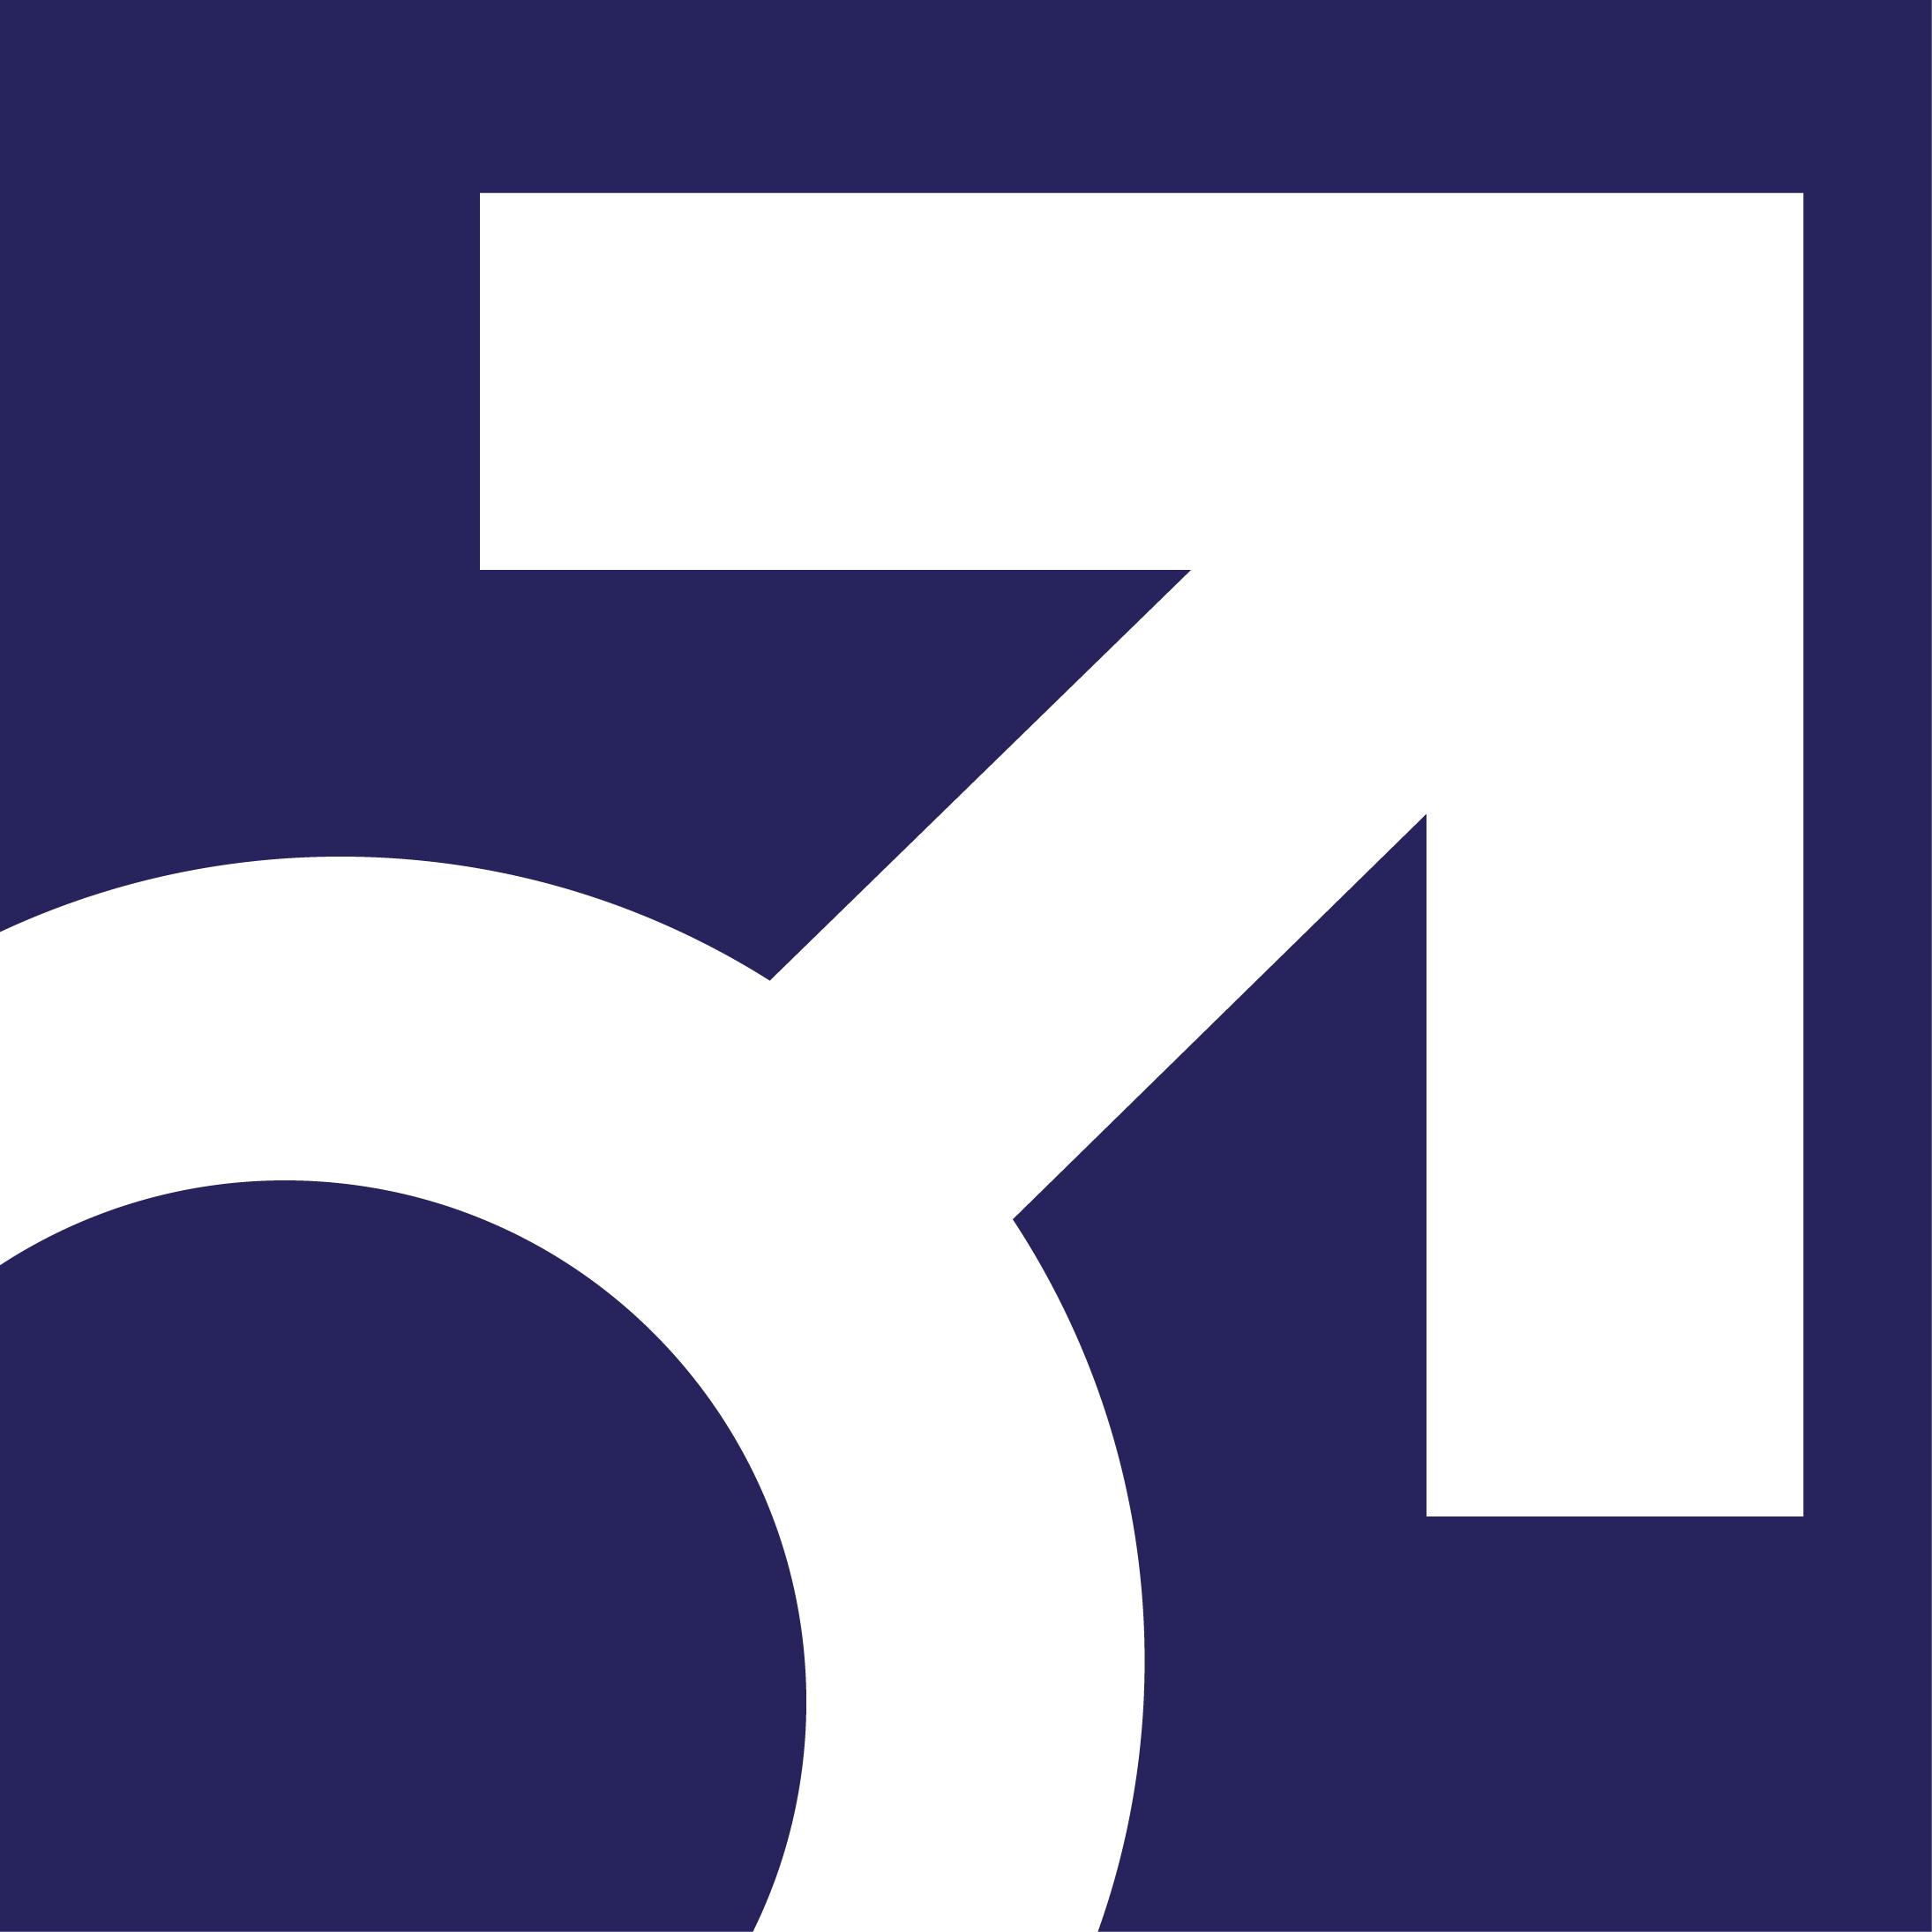 PCSANM_Logo